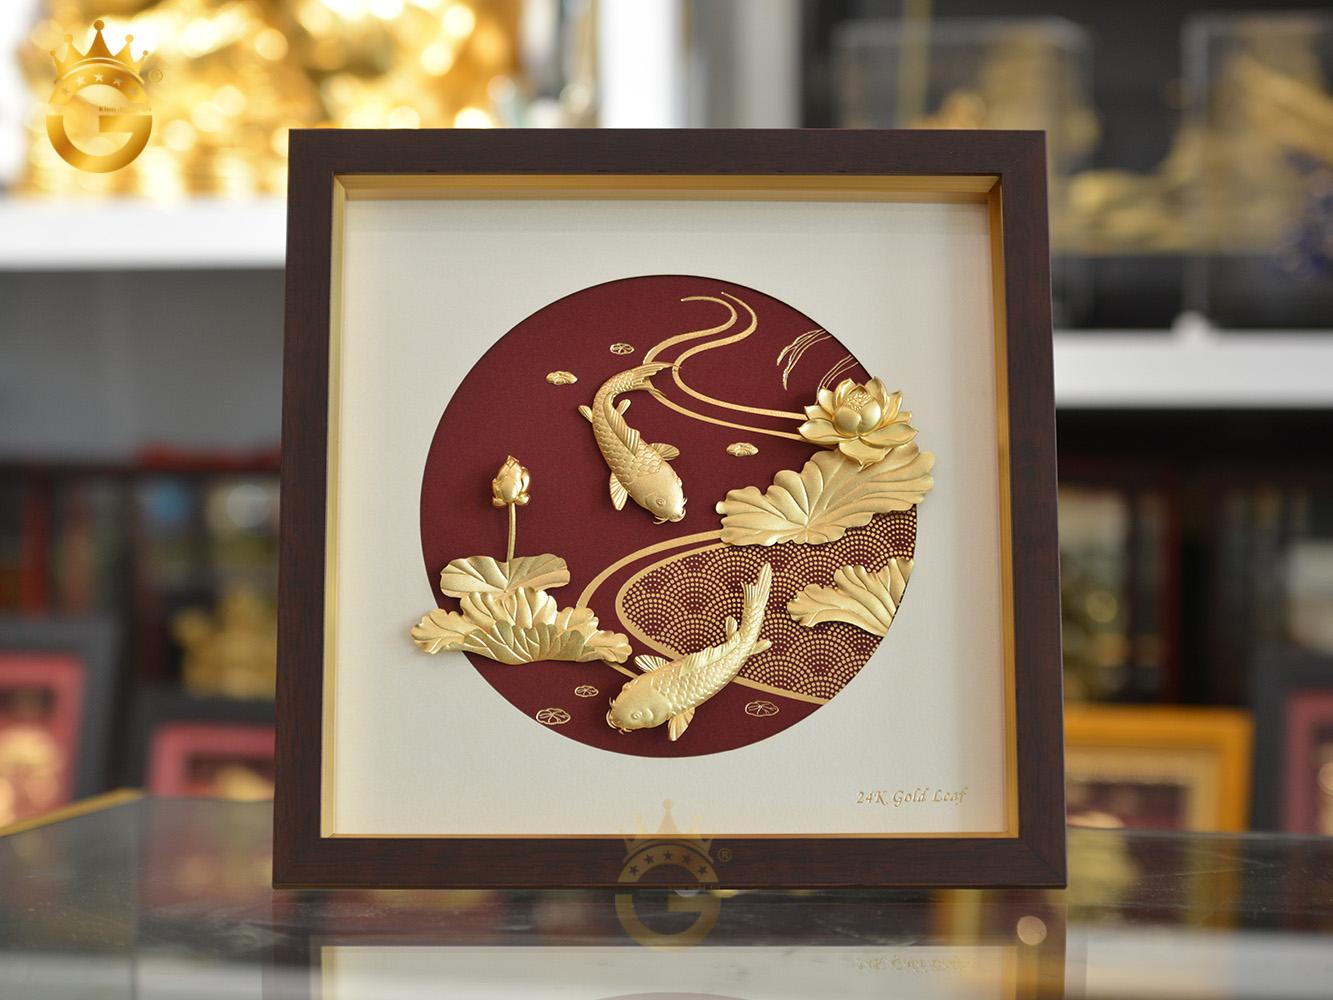 Tranh vàng 24k- tranh cá chép hoa sen dát vàng 24k0